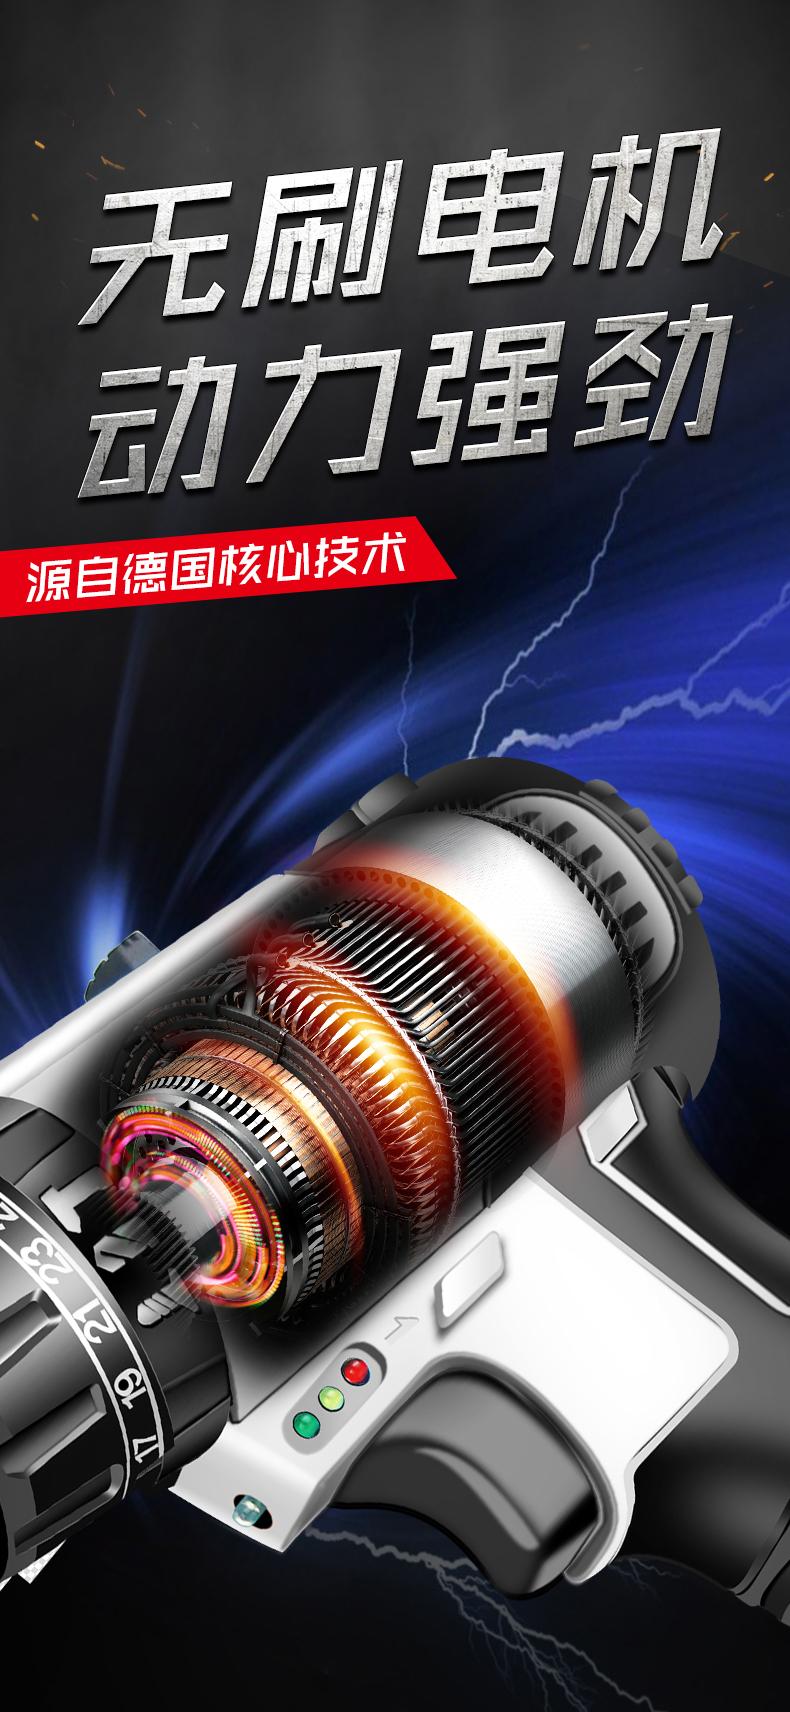 台灣現貨 免運 快速出貨【送配件+收納箱】36VF鋰電鑽 充電電鑽 電動起子機 衝擊起子 雙速衝擊鑽 衝擊電鑽 電動工具